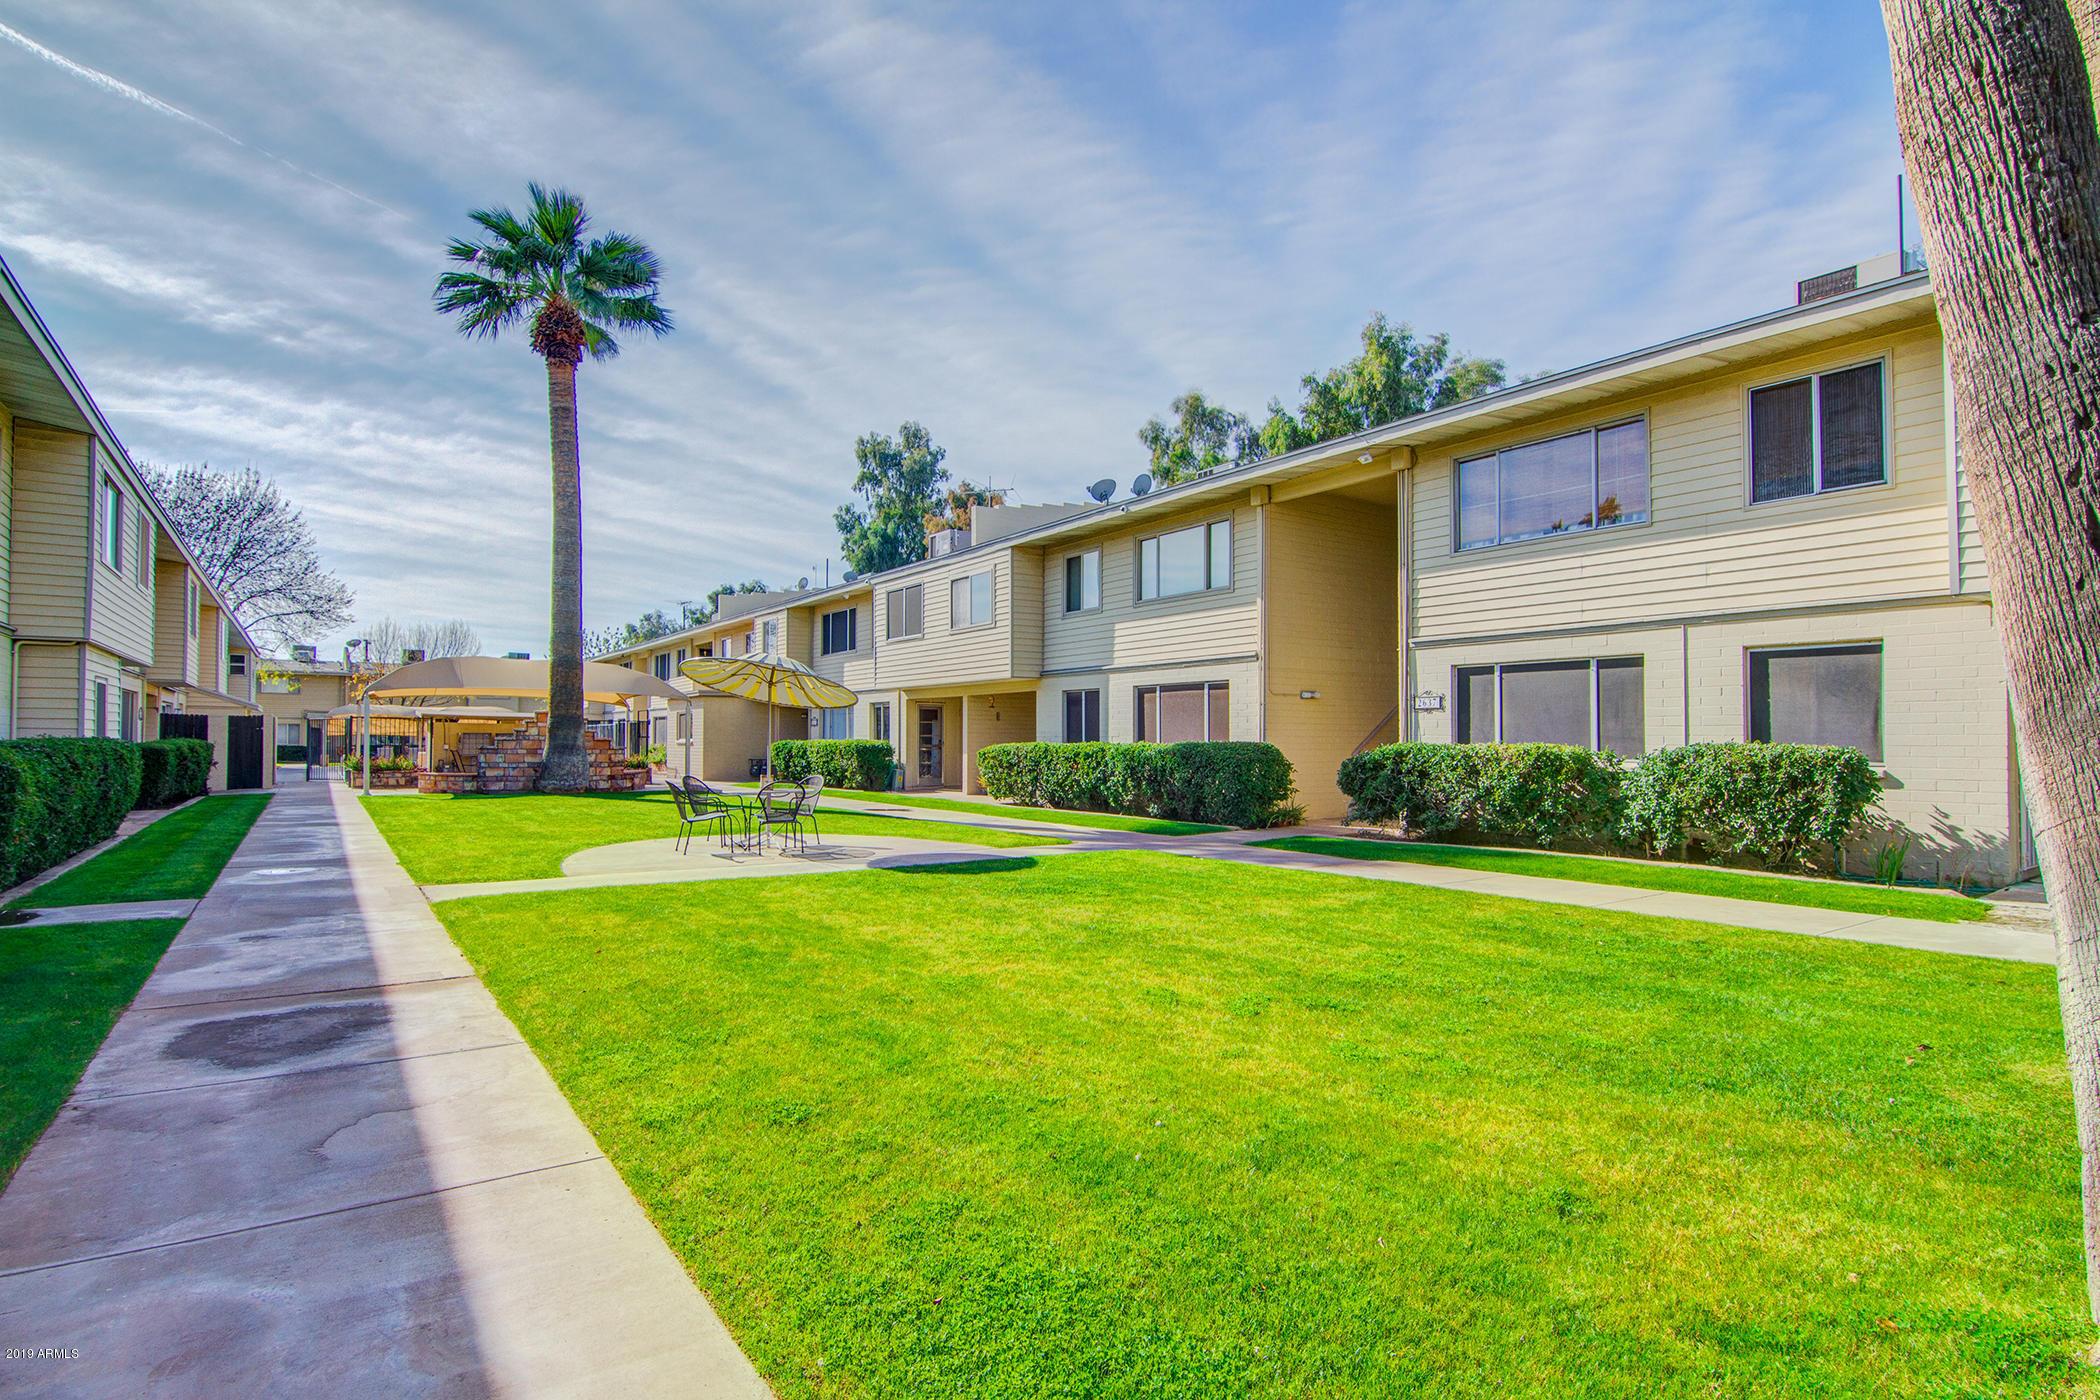 Photo of 2637 W ROSE Lane #B220, Phoenix, AZ 85017